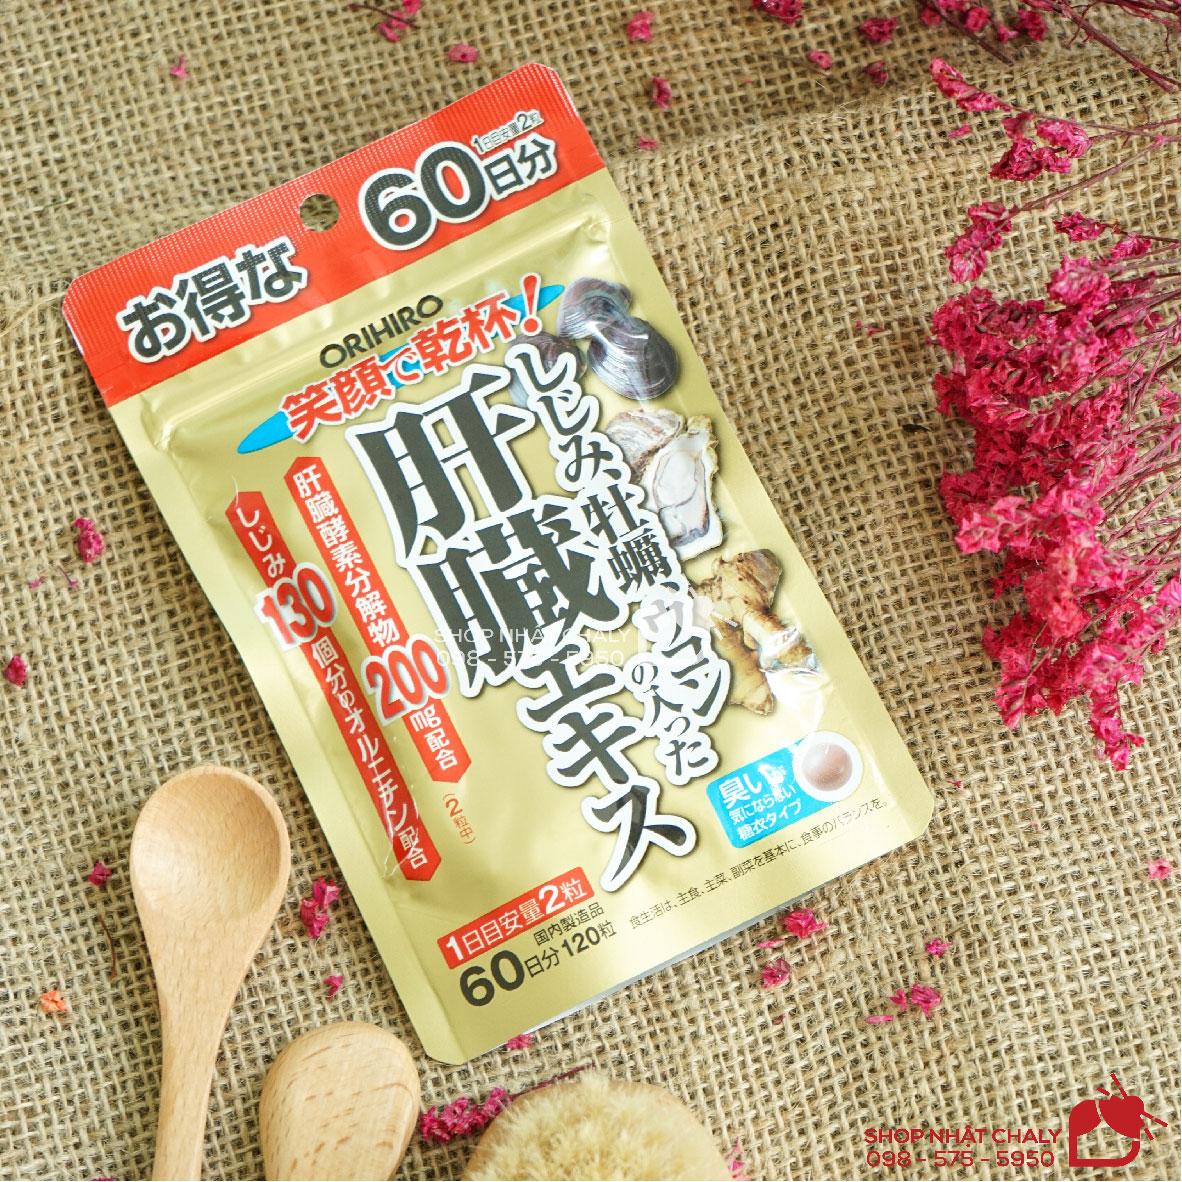 Thuốc mát gan của Nhật Orihiro 120 viên là sản phẩm thải độc gan, bổ gan thận được ưa chuộng nhất hiện nay